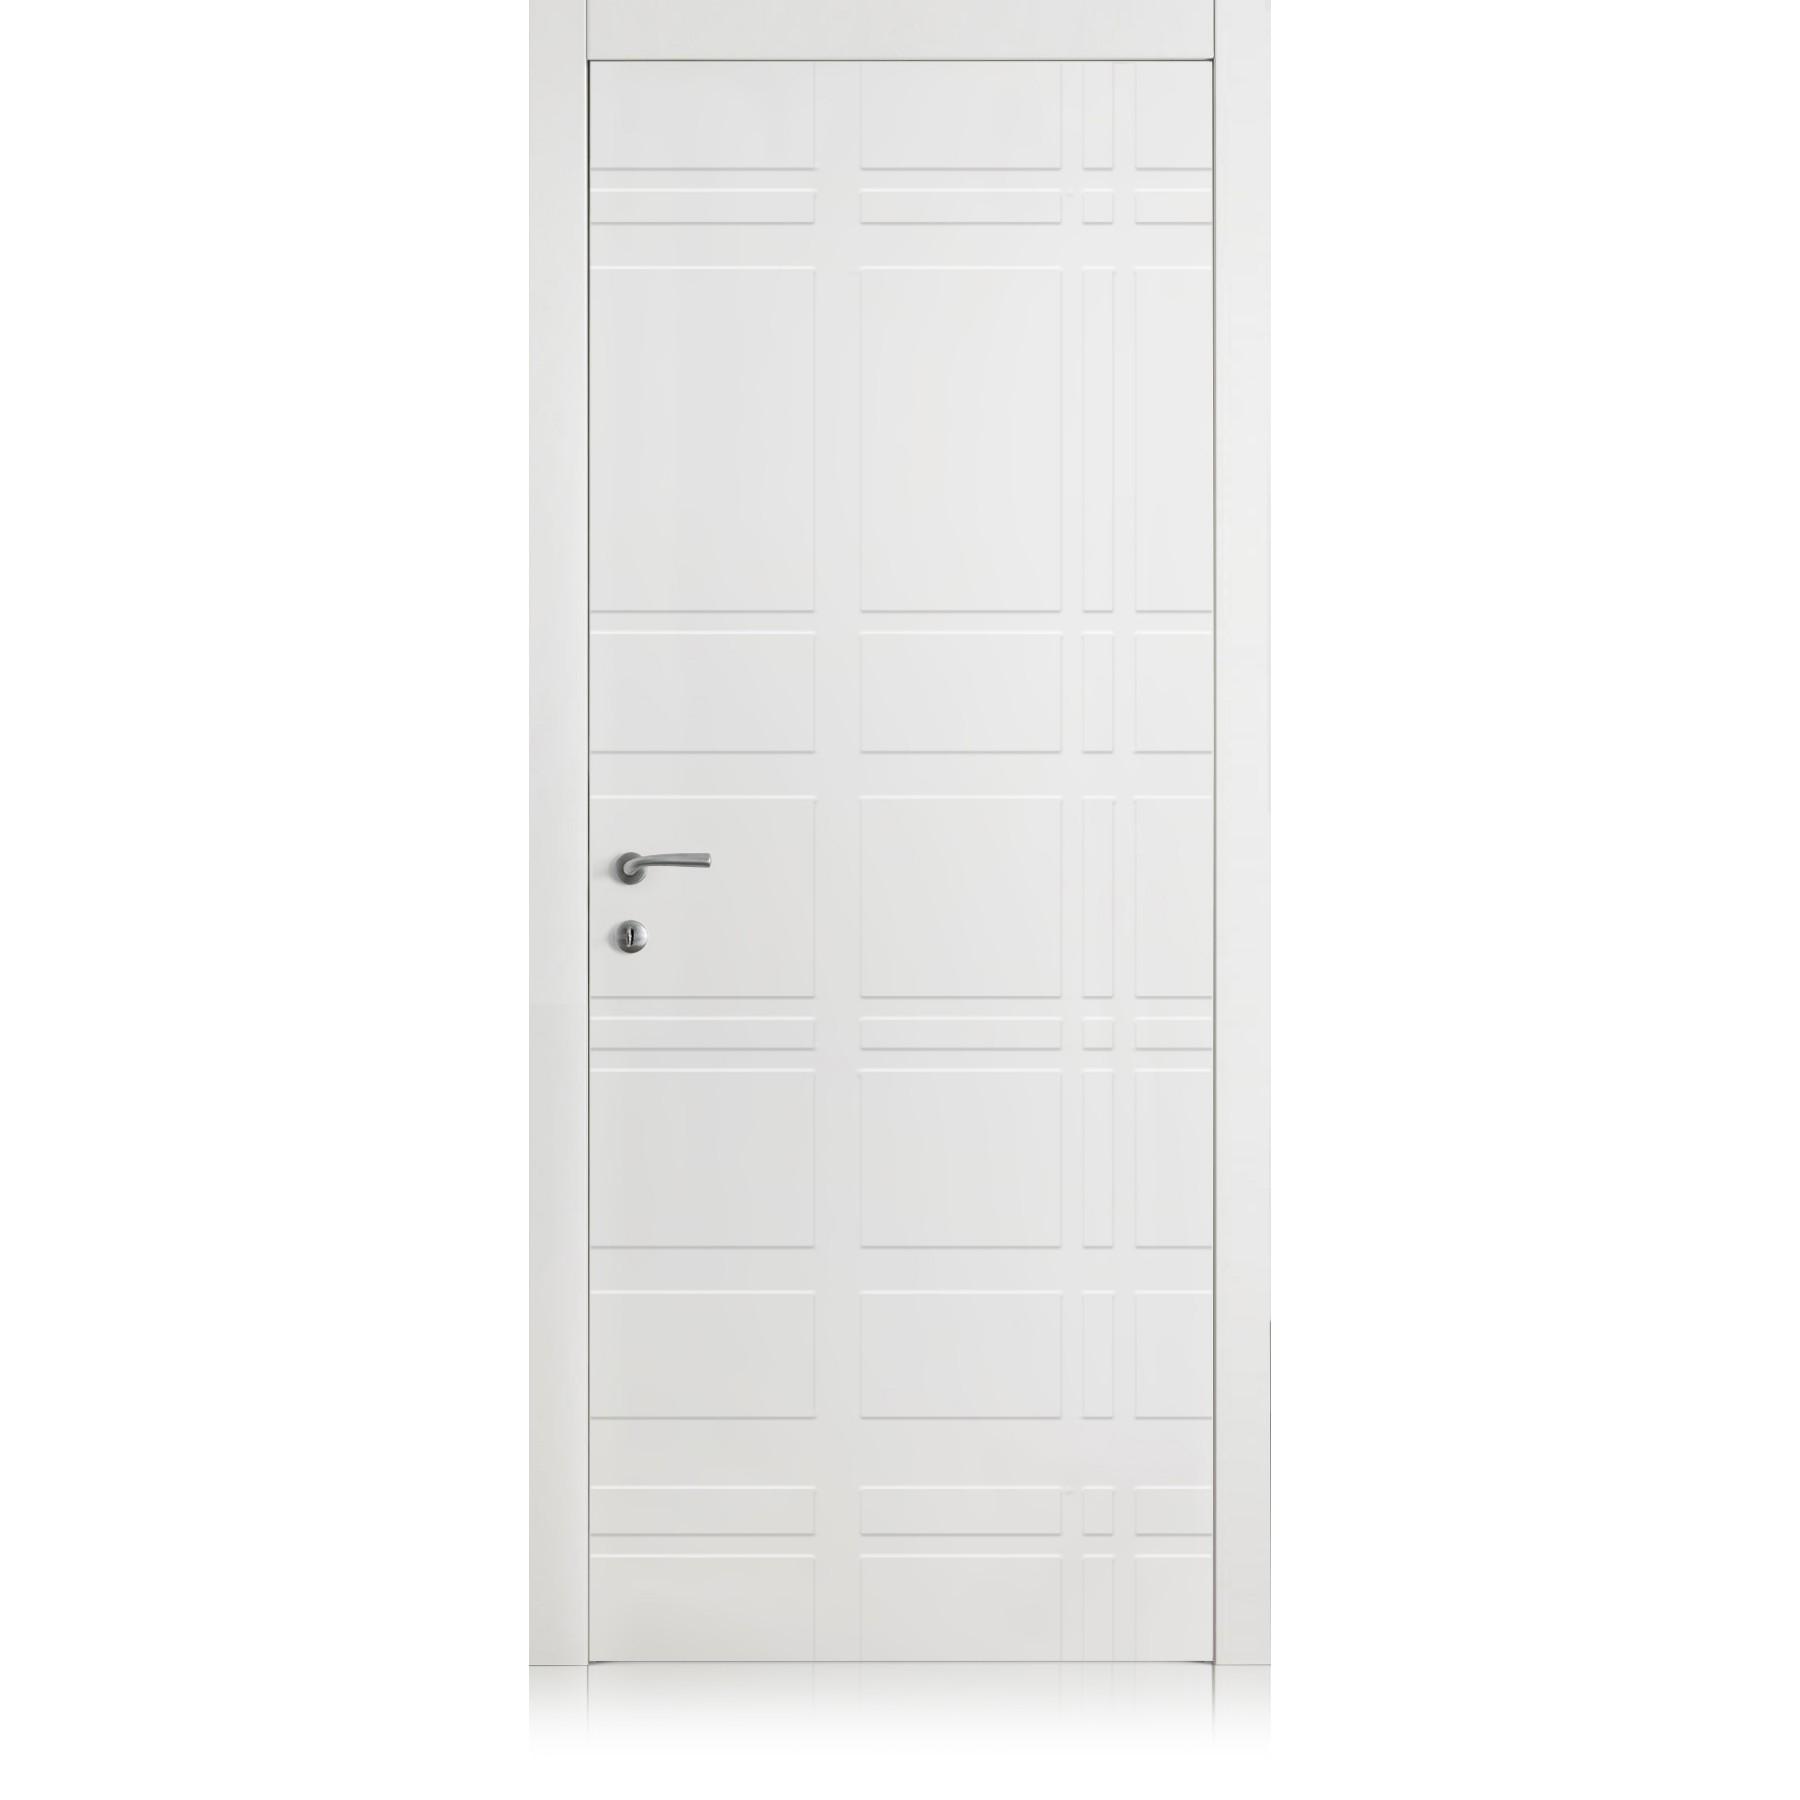 Yncisa Tartan bianco optical door